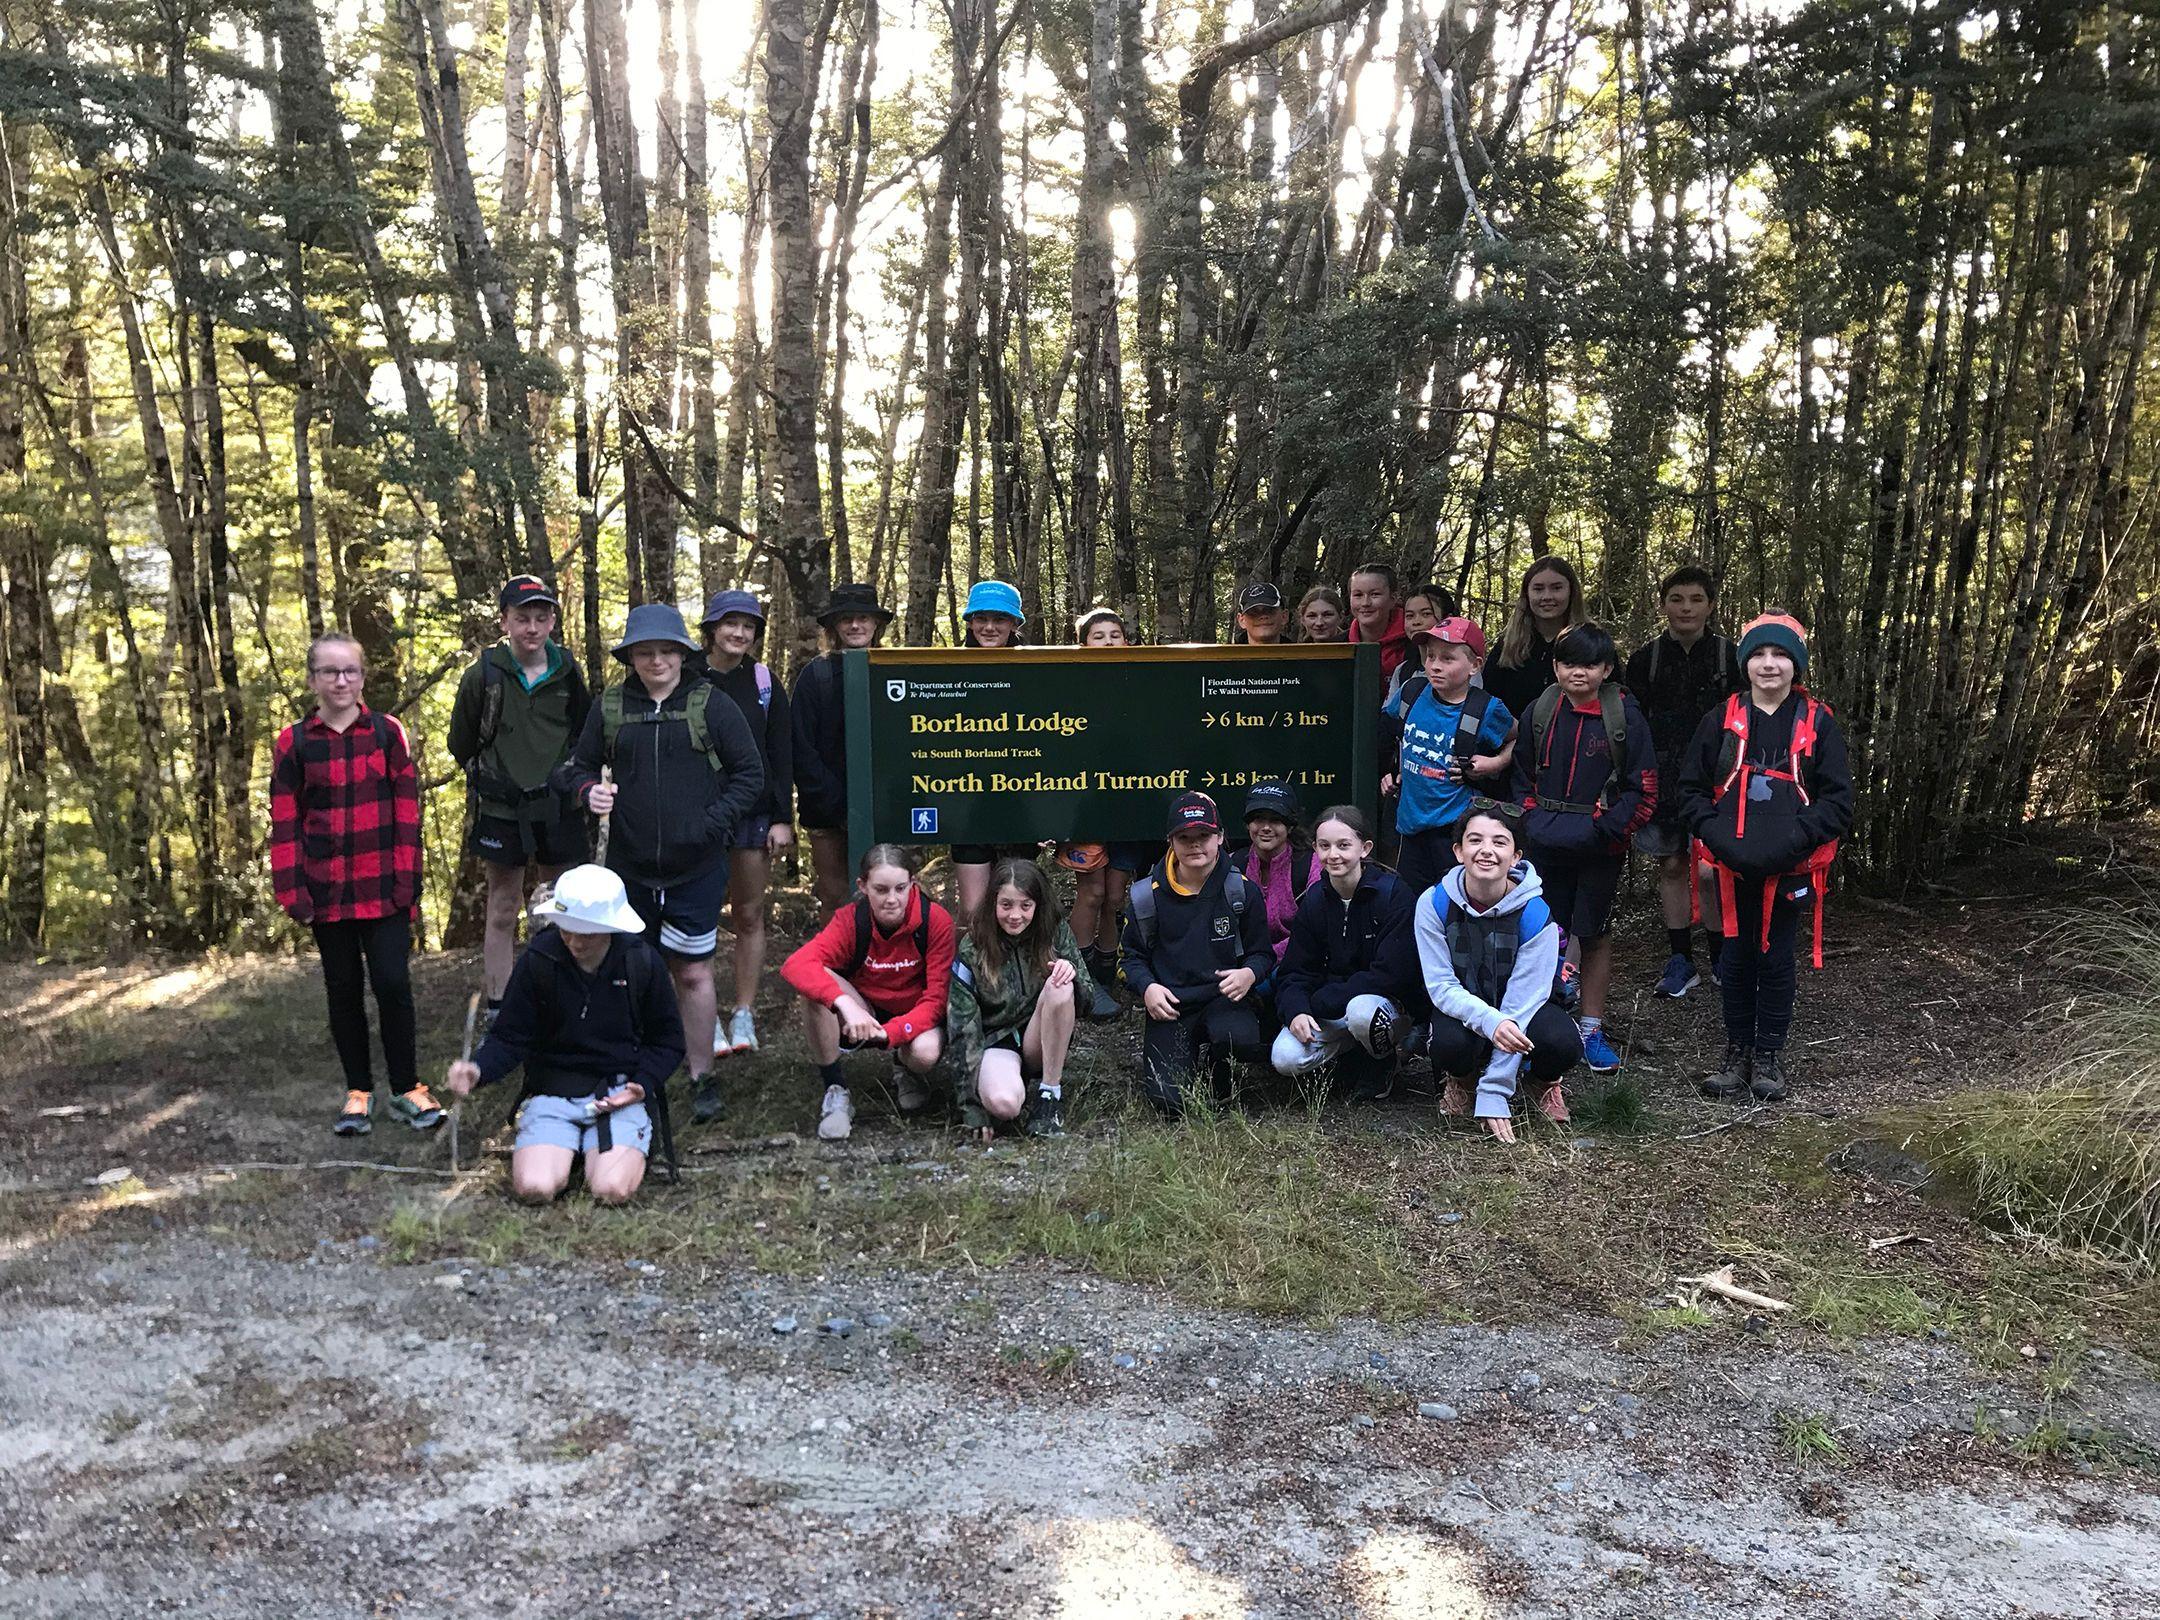 Year 8-10 Camp at Borland Lodge